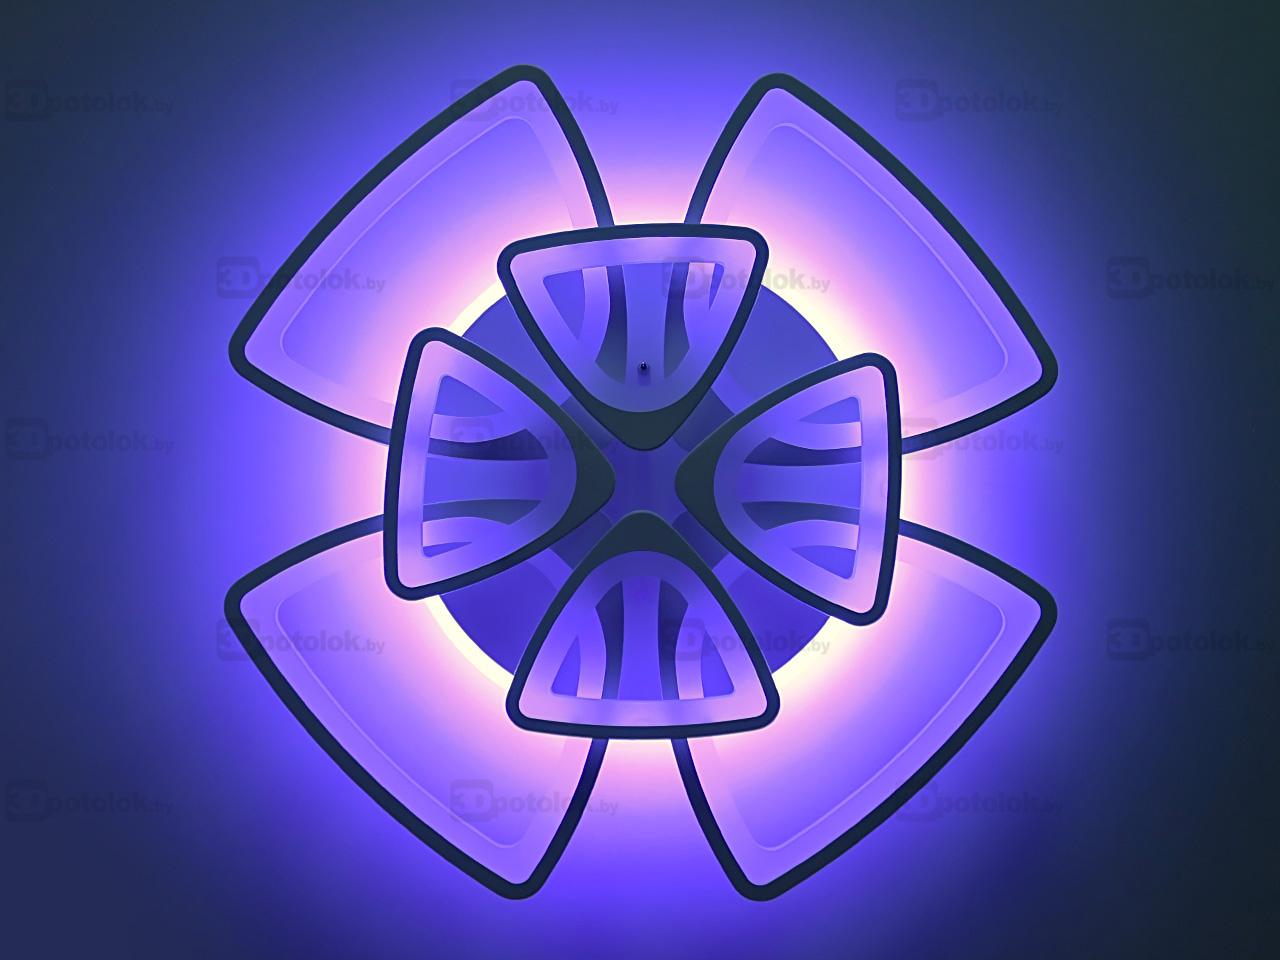 10006_44-WHTBLYL_10_лого